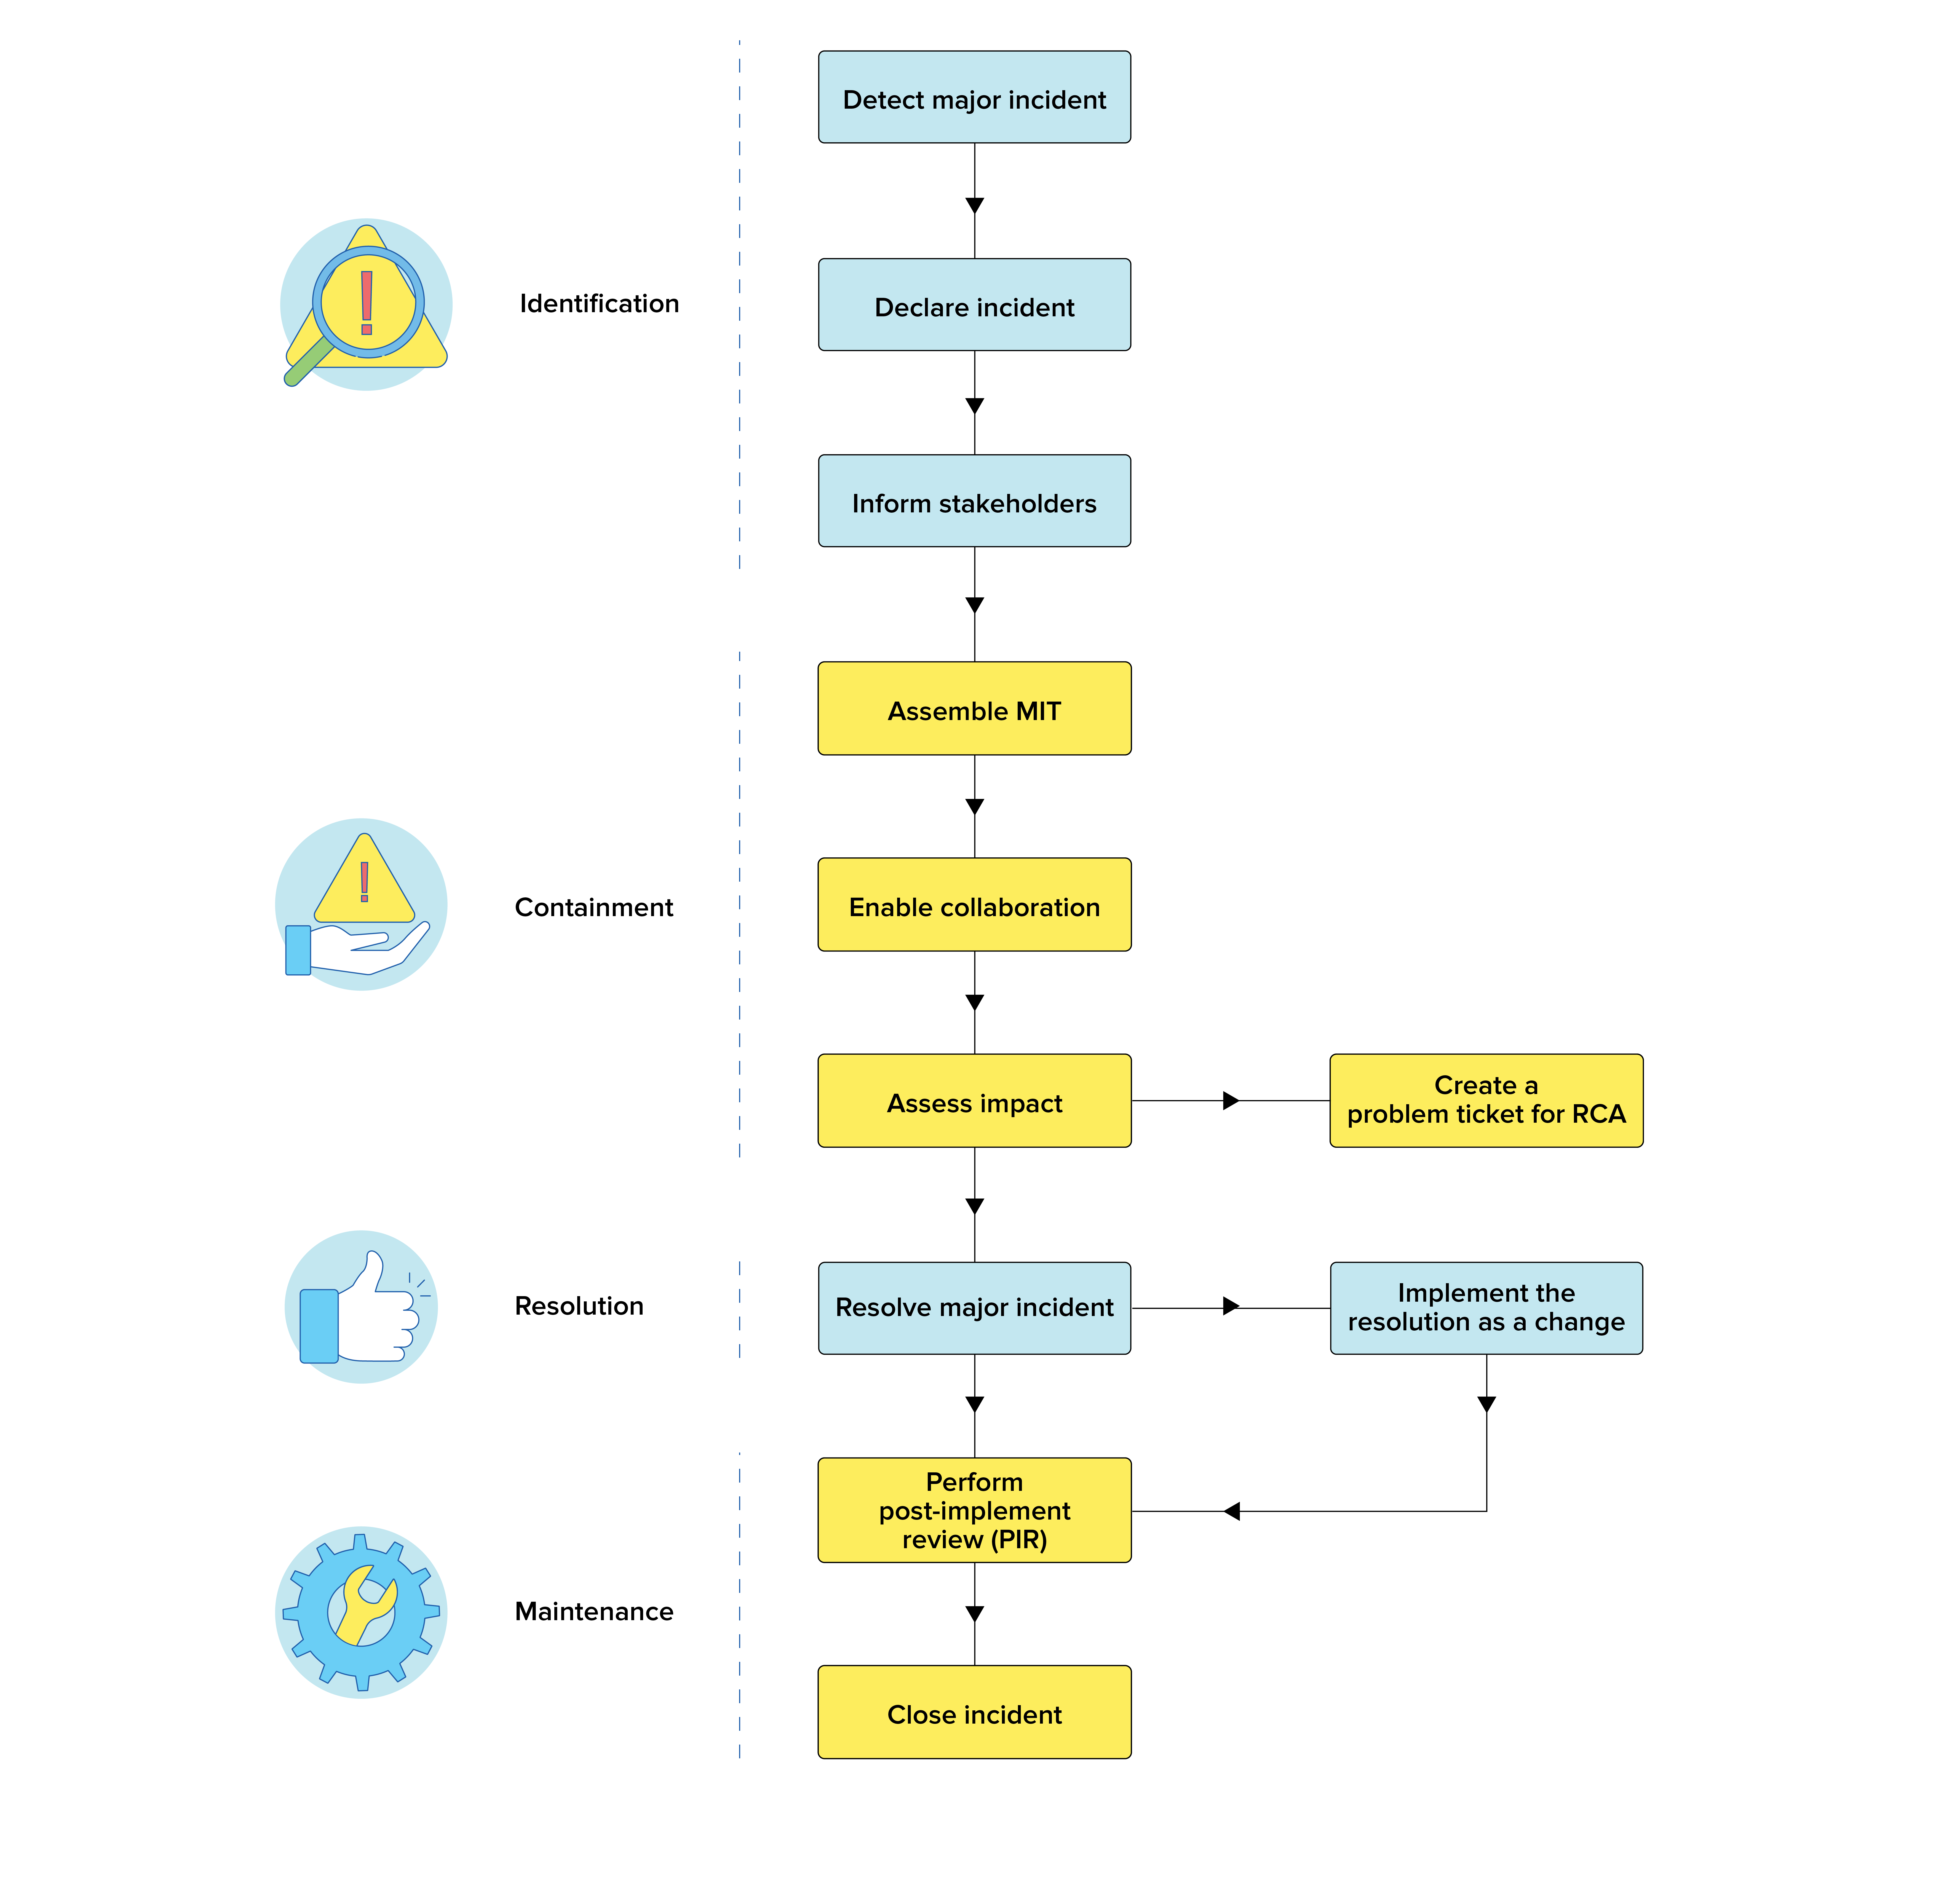 Stroomdiagram voor proces van beheer van grote incidenten in ITIL